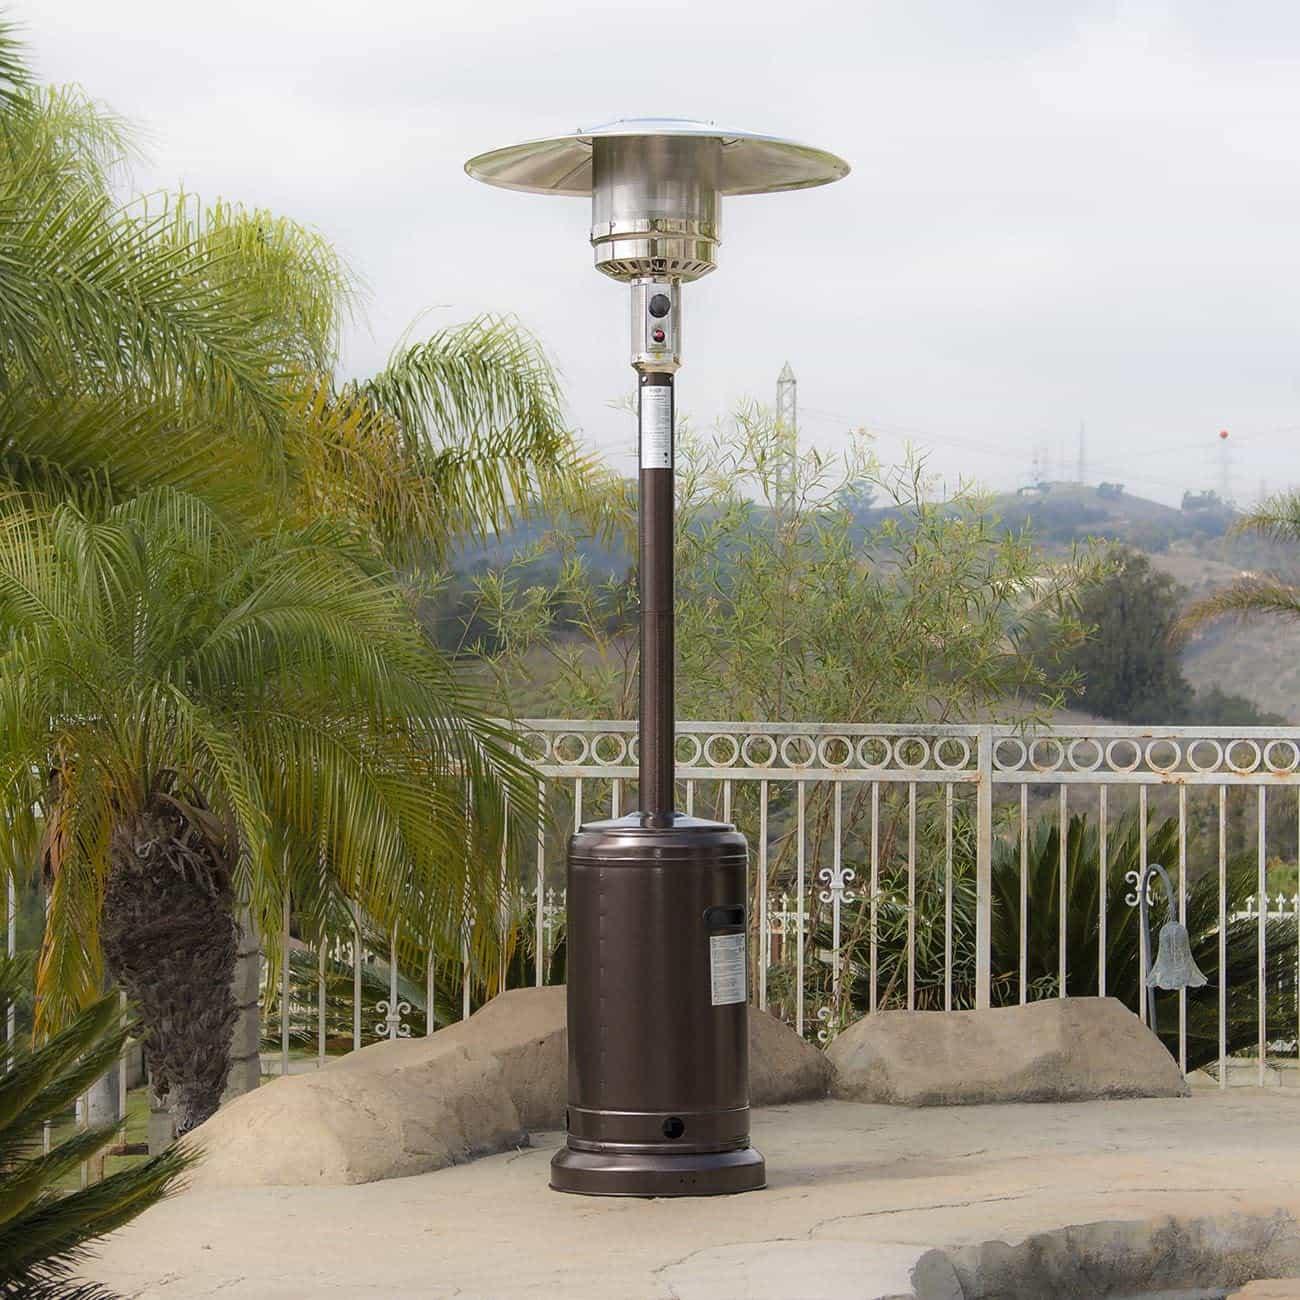 BELLEZE Premium Outdoor Patio Heater with Wheel